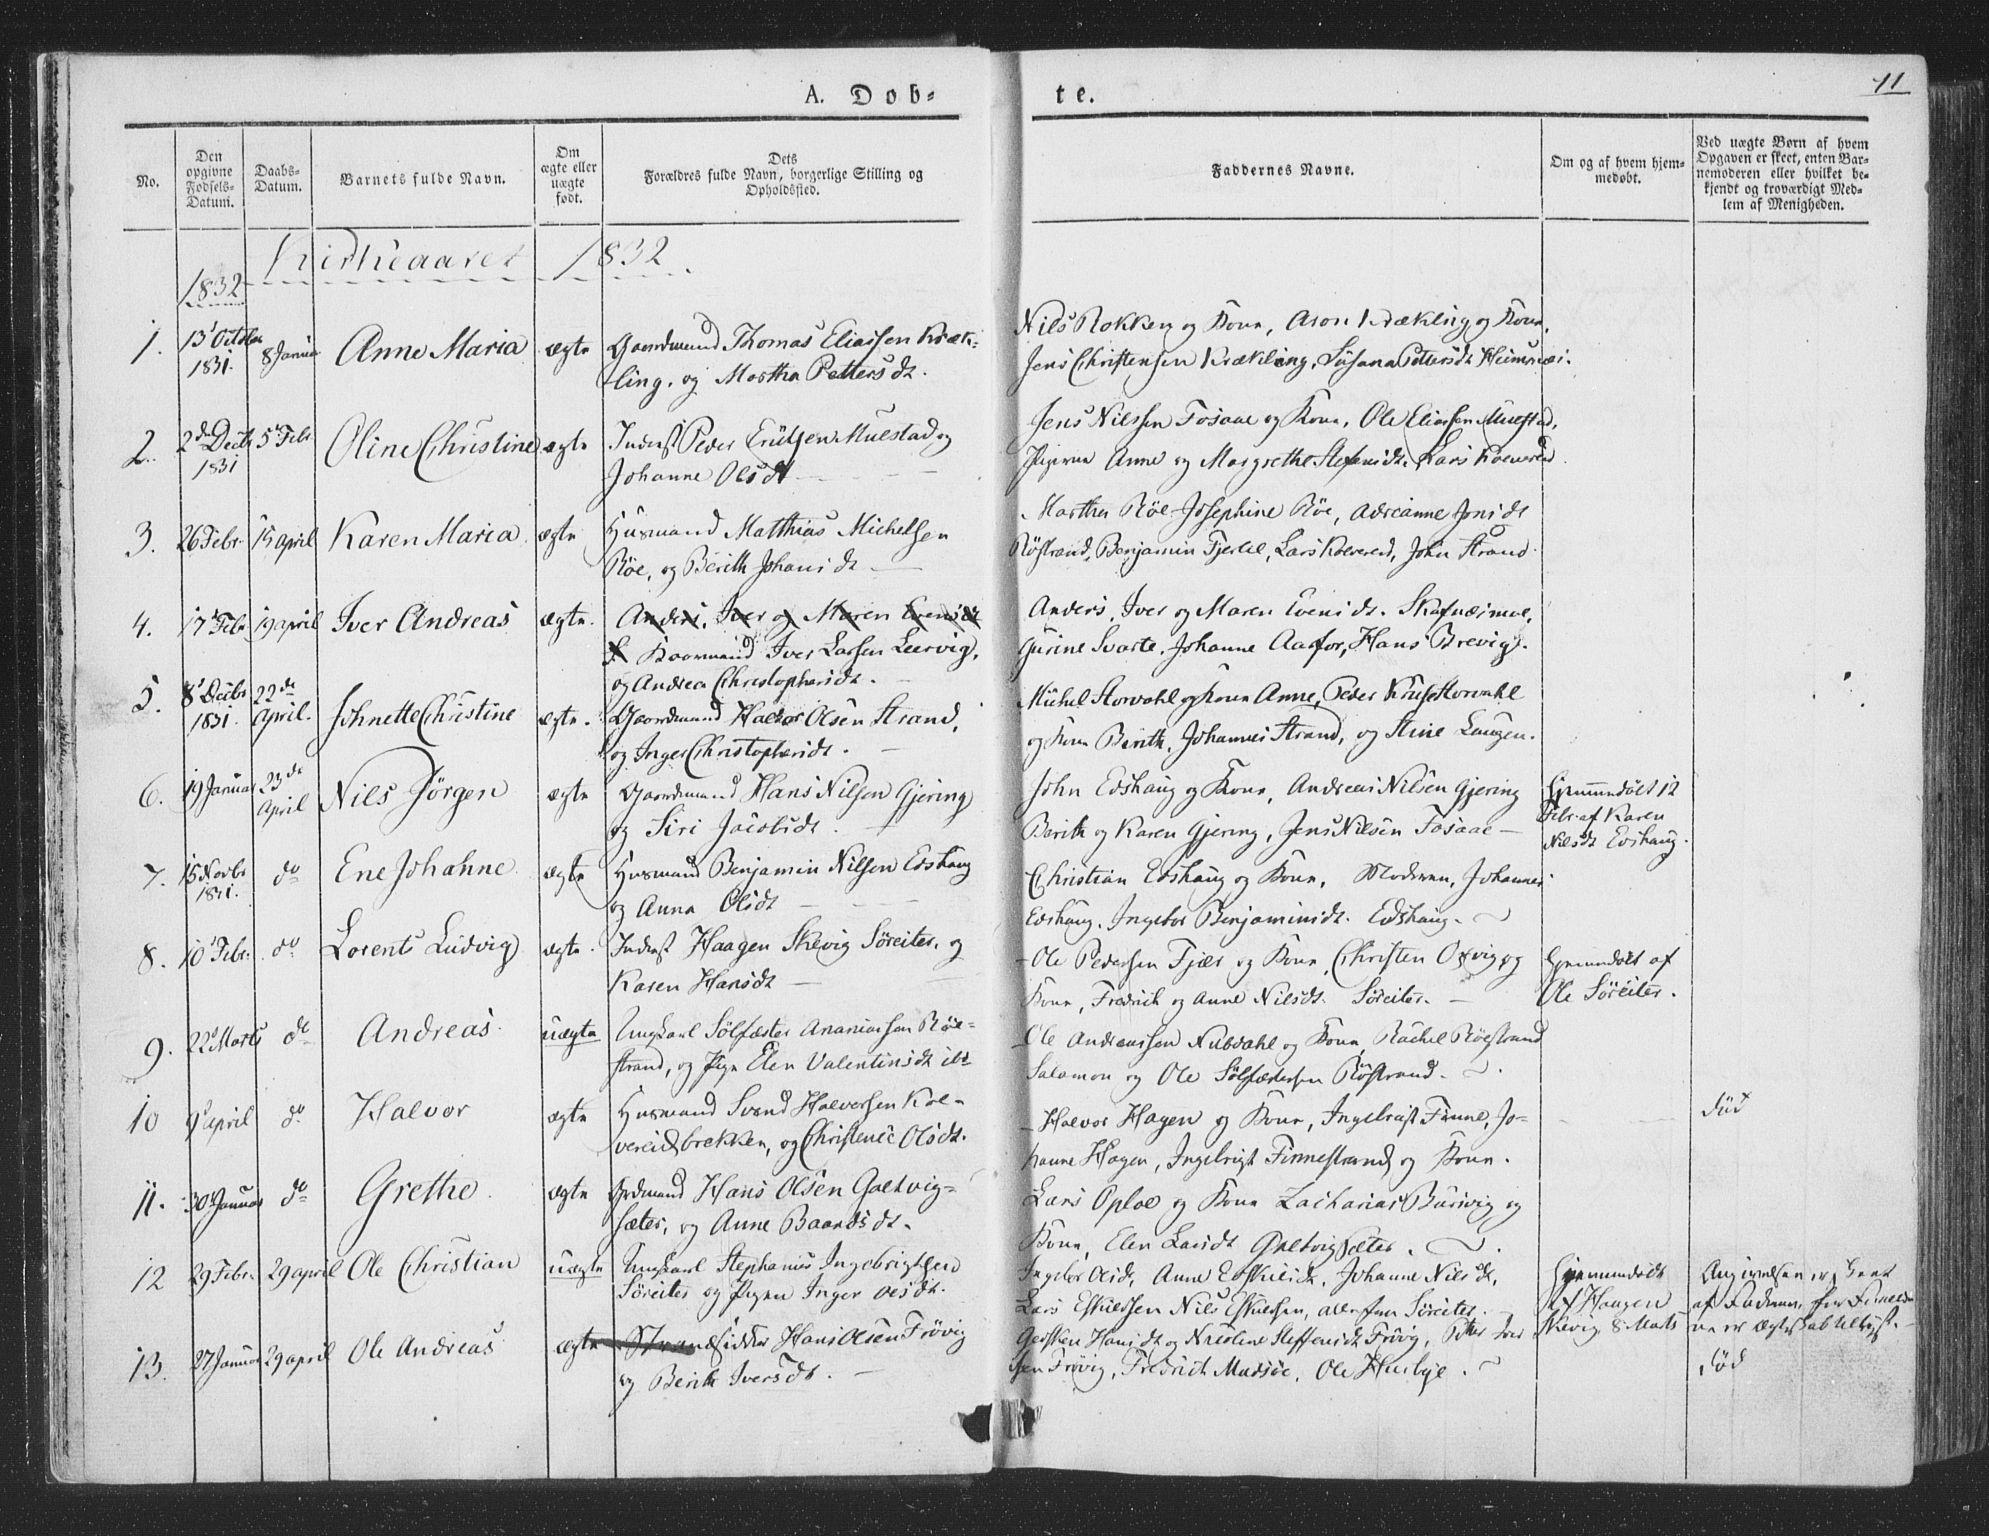 SAT, Ministerialprotokoller, klokkerbøker og fødselsregistre - Nord-Trøndelag, 780/L0639: Ministerialbok nr. 780A04, 1830-1844, s. 11